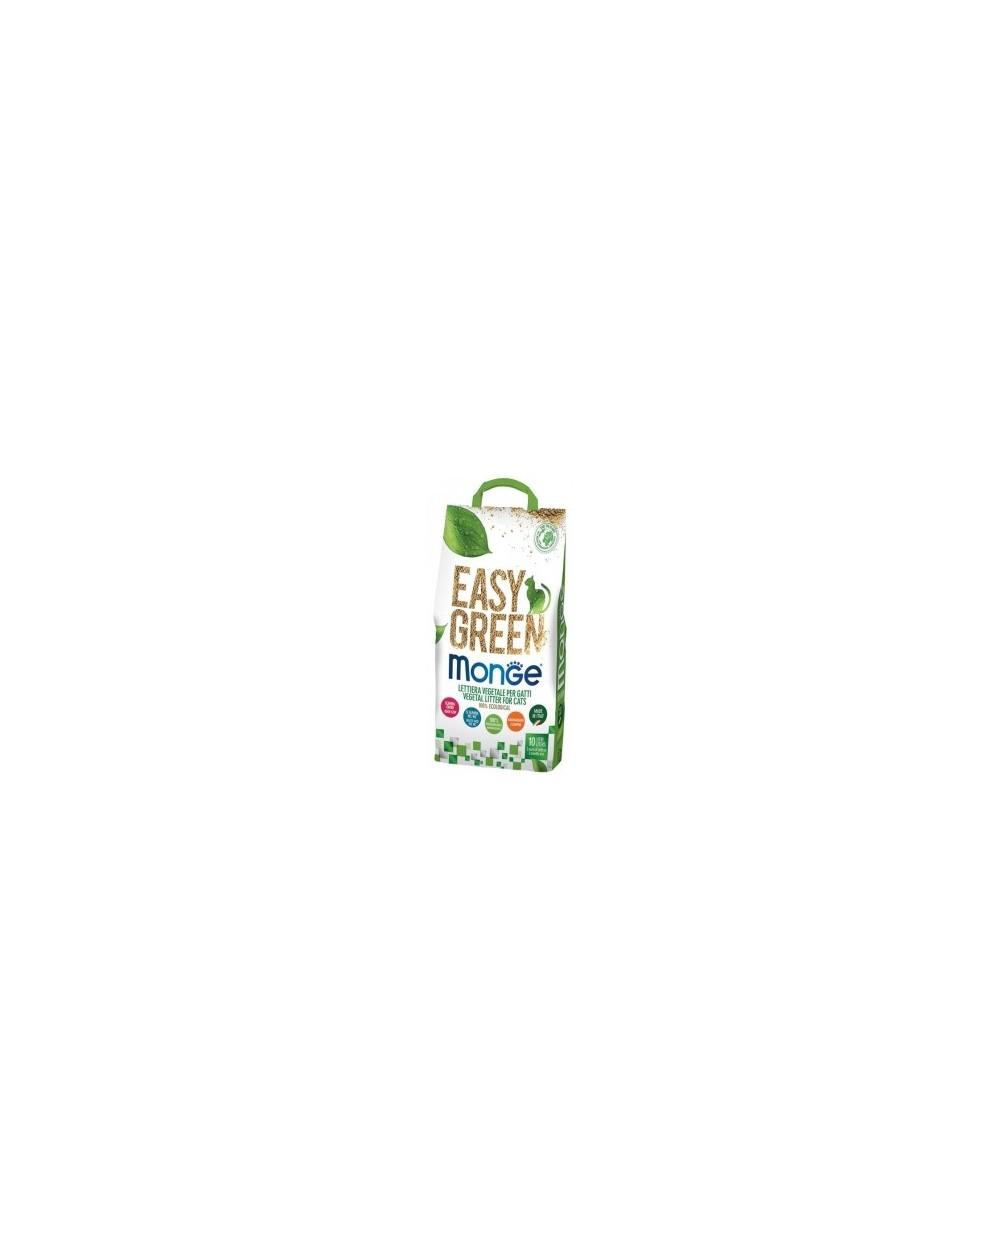 Monge Lettiera per Gatti Ecologica Biodegradabile Agglomerante Easy Green Fibre Vegetali 10 Lt